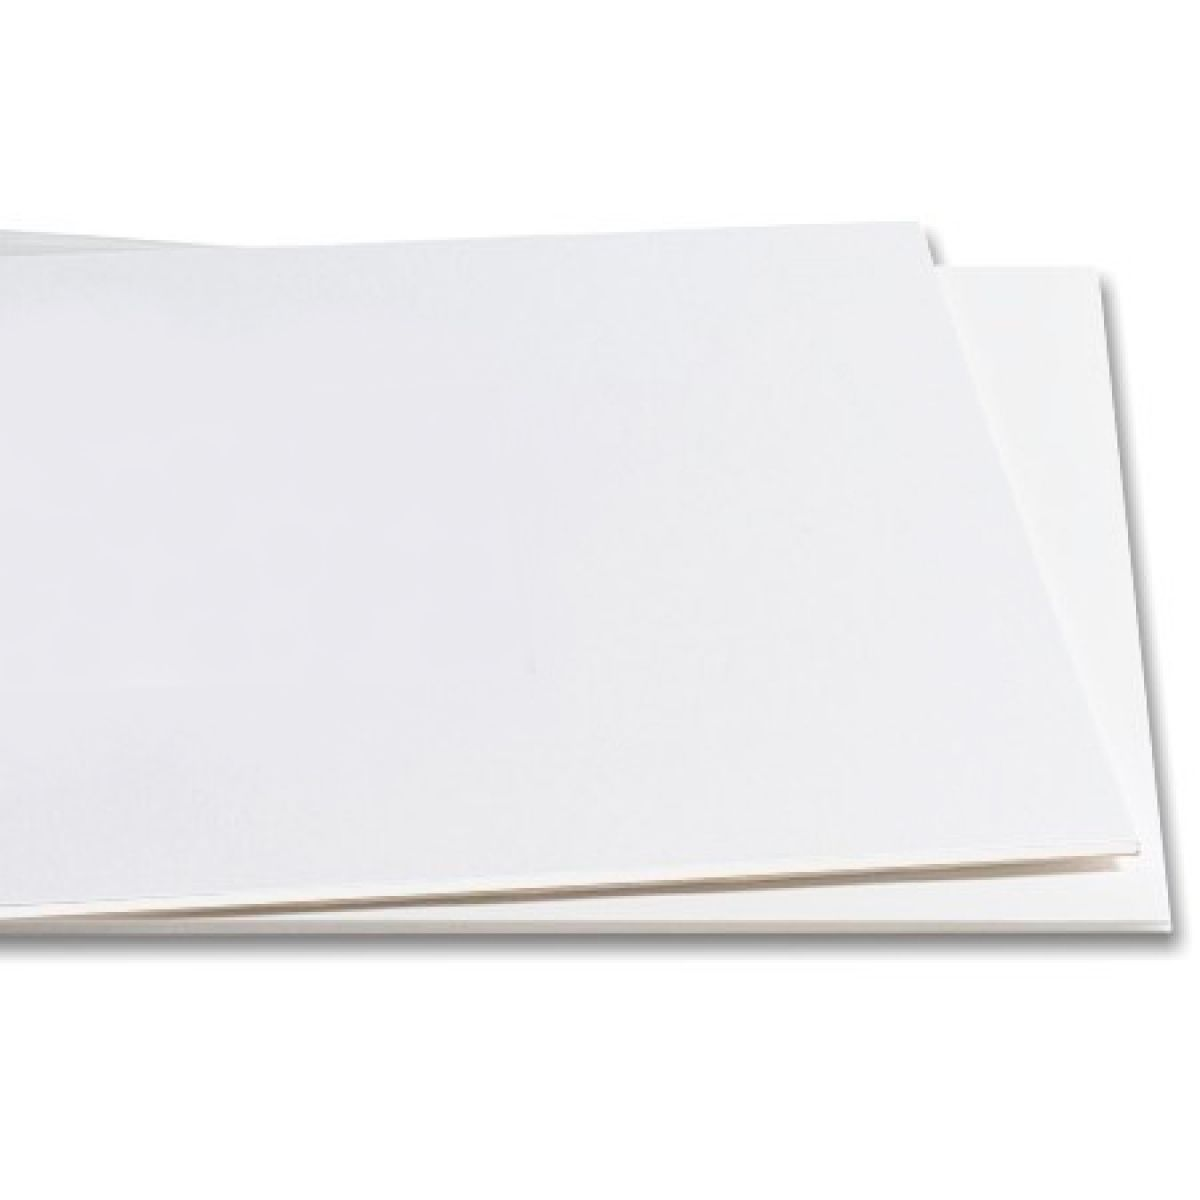 Papel Couche Brilho 90g A4 Embalagem Com 50 Folhas Phandora